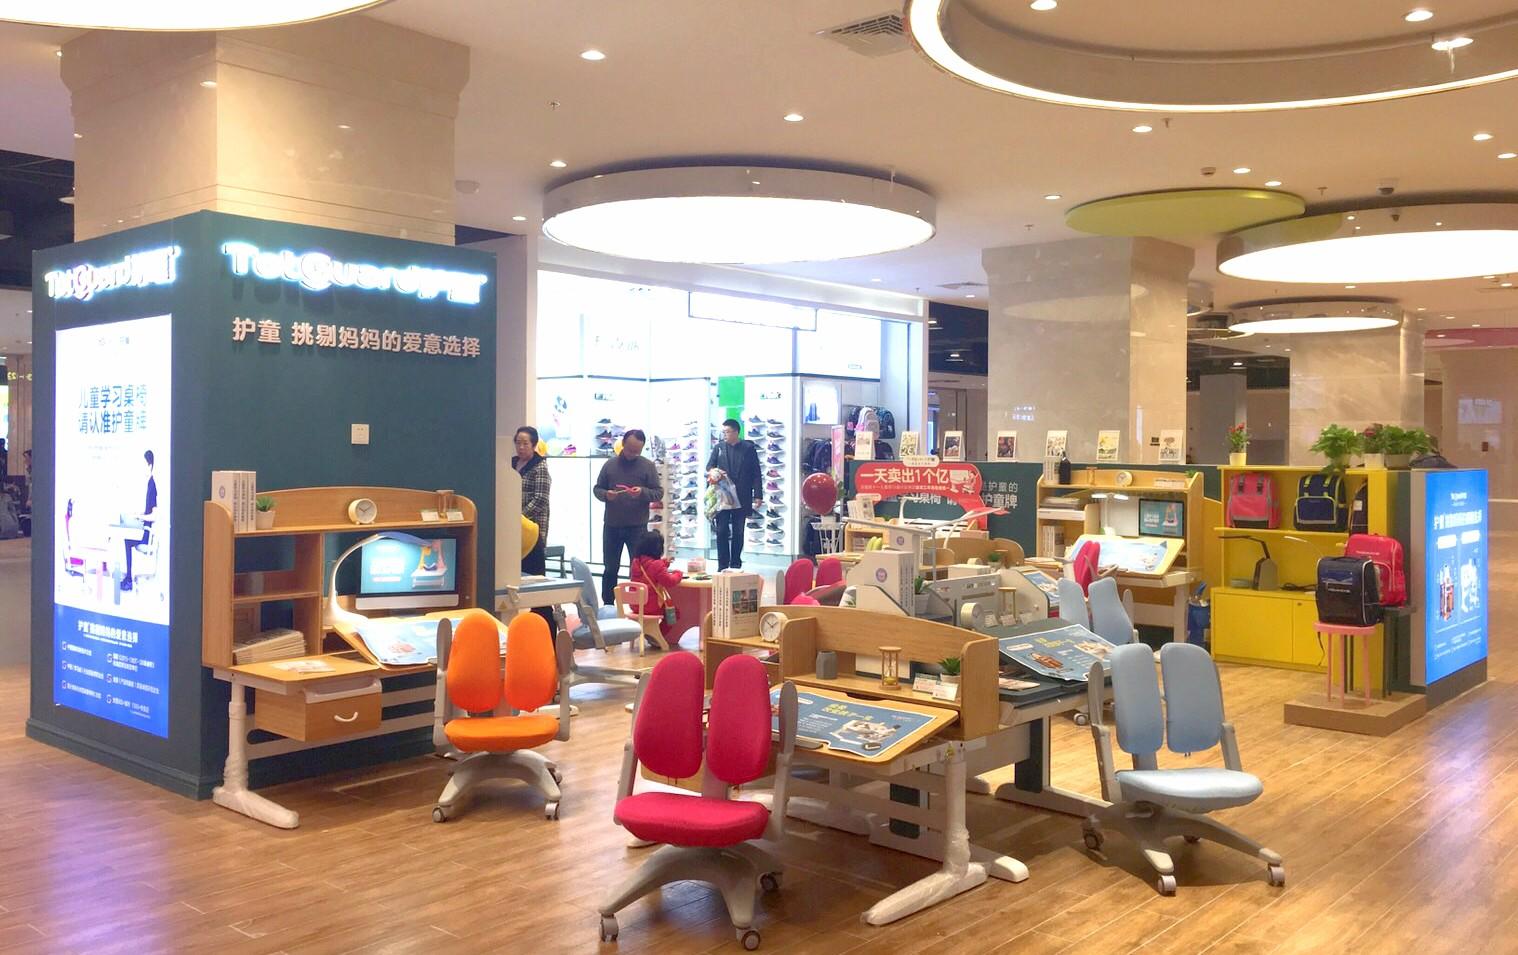 热烈祝贺护童第1900家上海永乐广场护童专柜盛大开业!